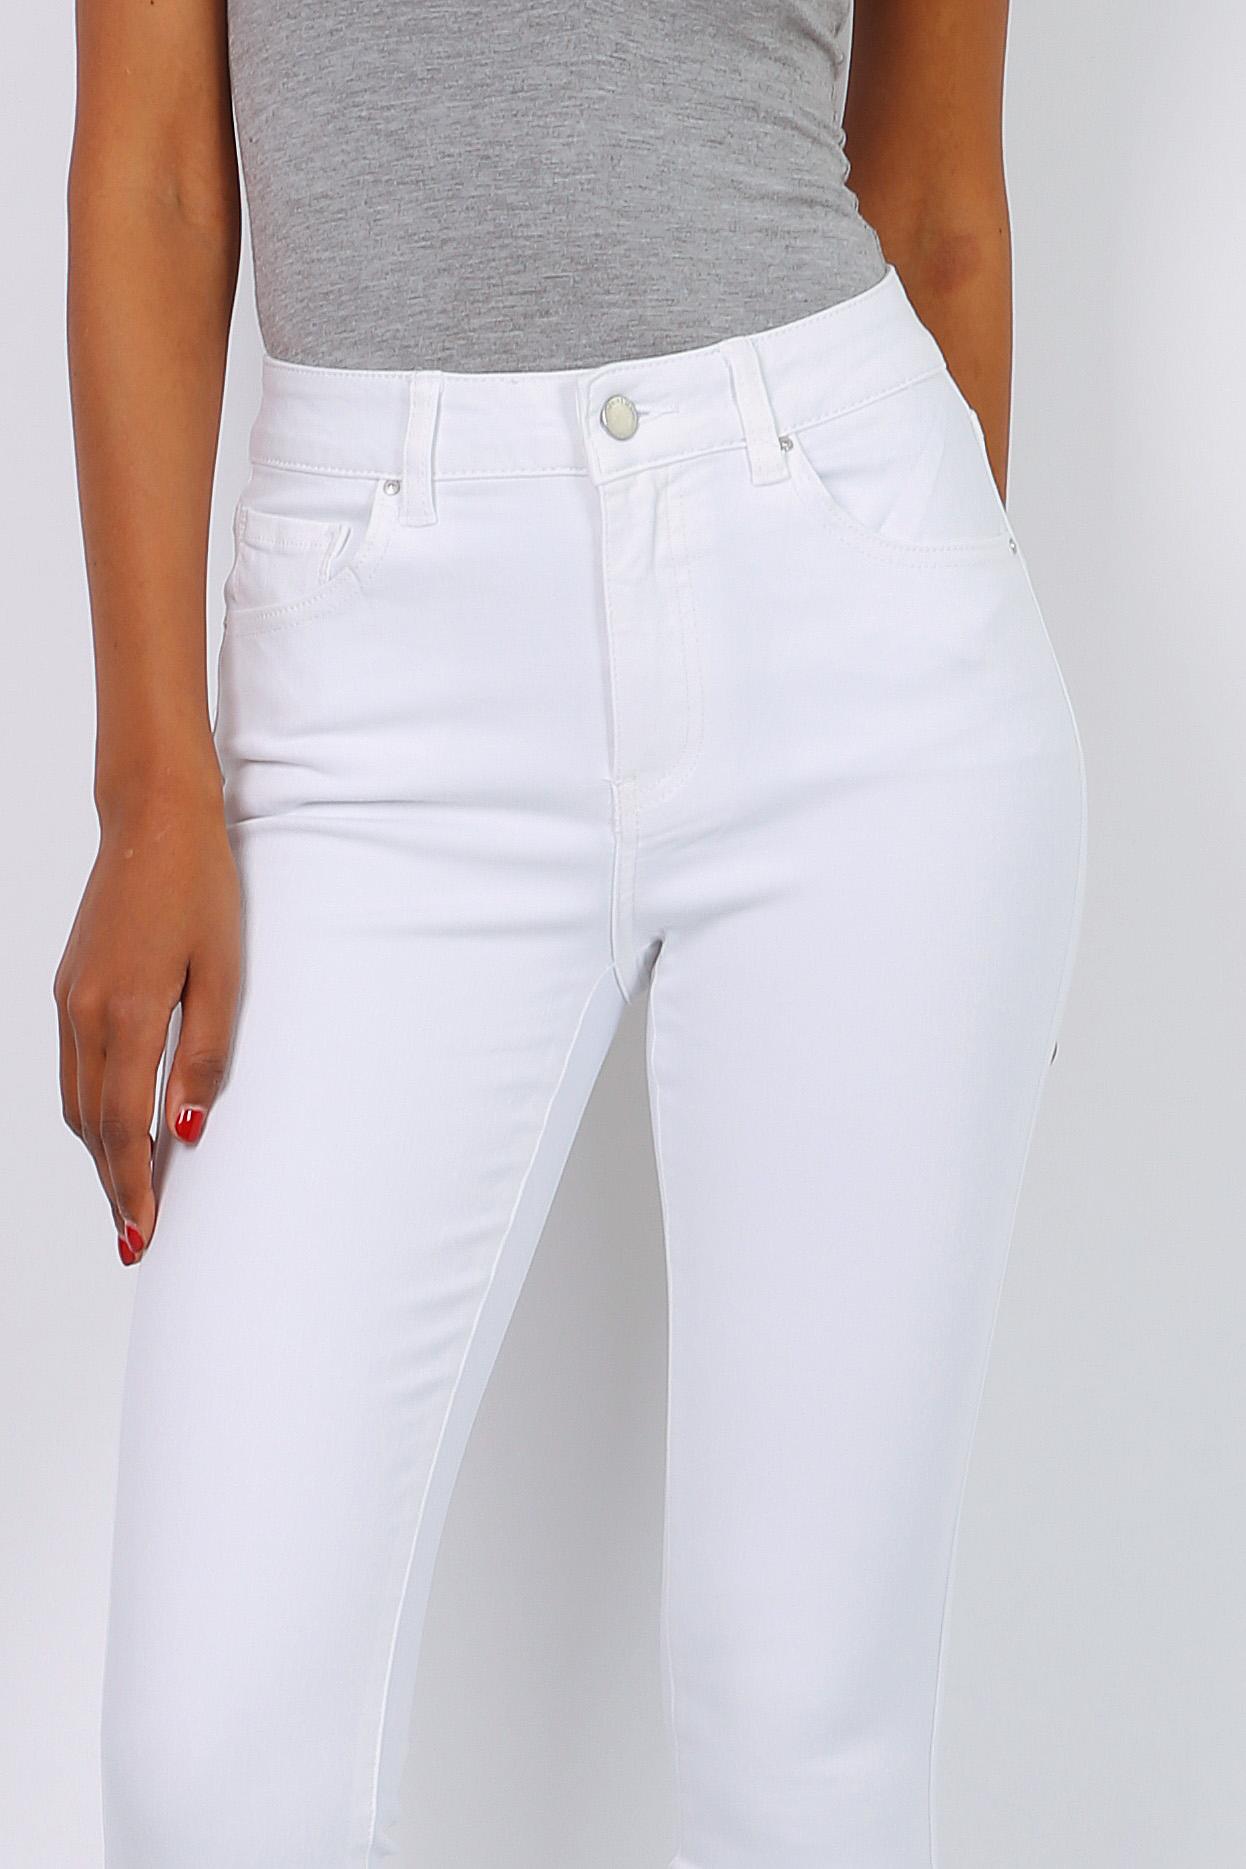 Toxik 3 Jeans | L1700-1 Mid Rise Jeans